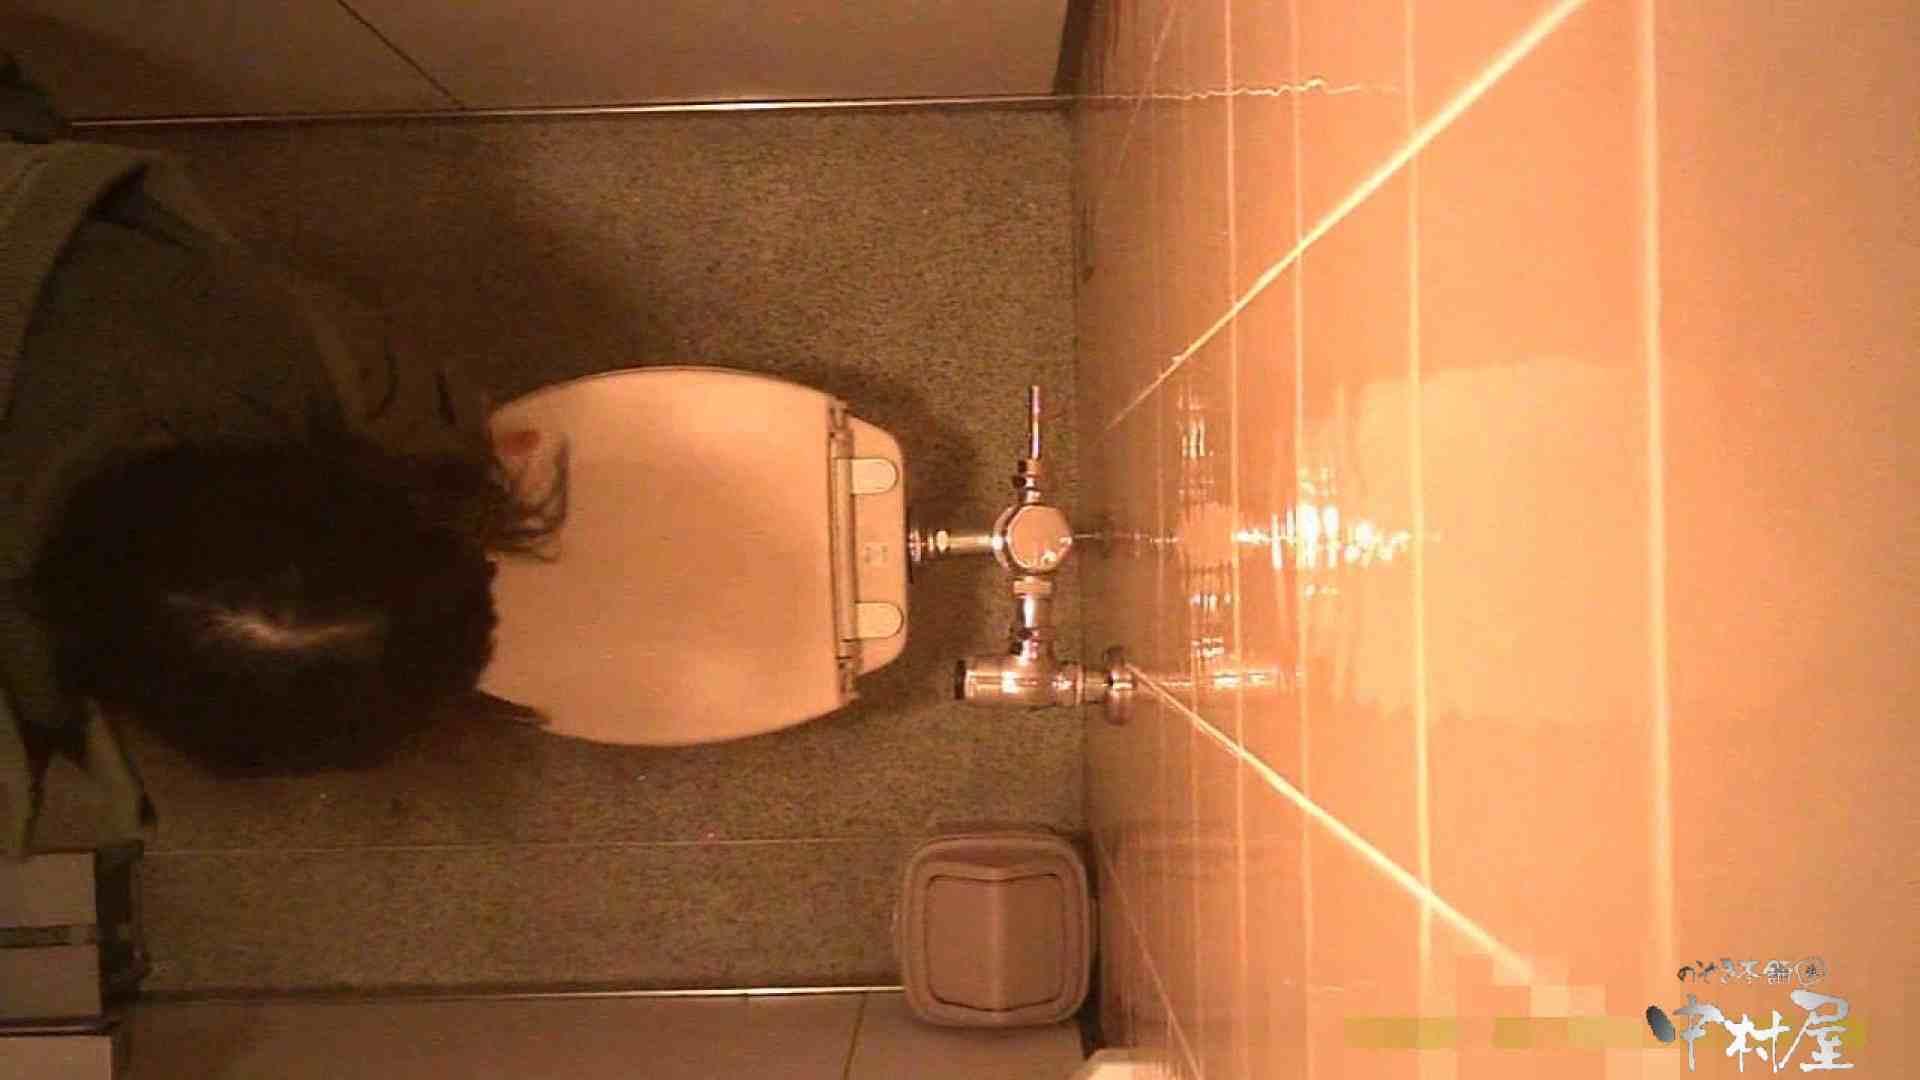 初盗撮!女盗撮師カレンさんの 潜入!女子トイレ盗撮!Vol.5 美女 | 女子トイレ  99画像 6